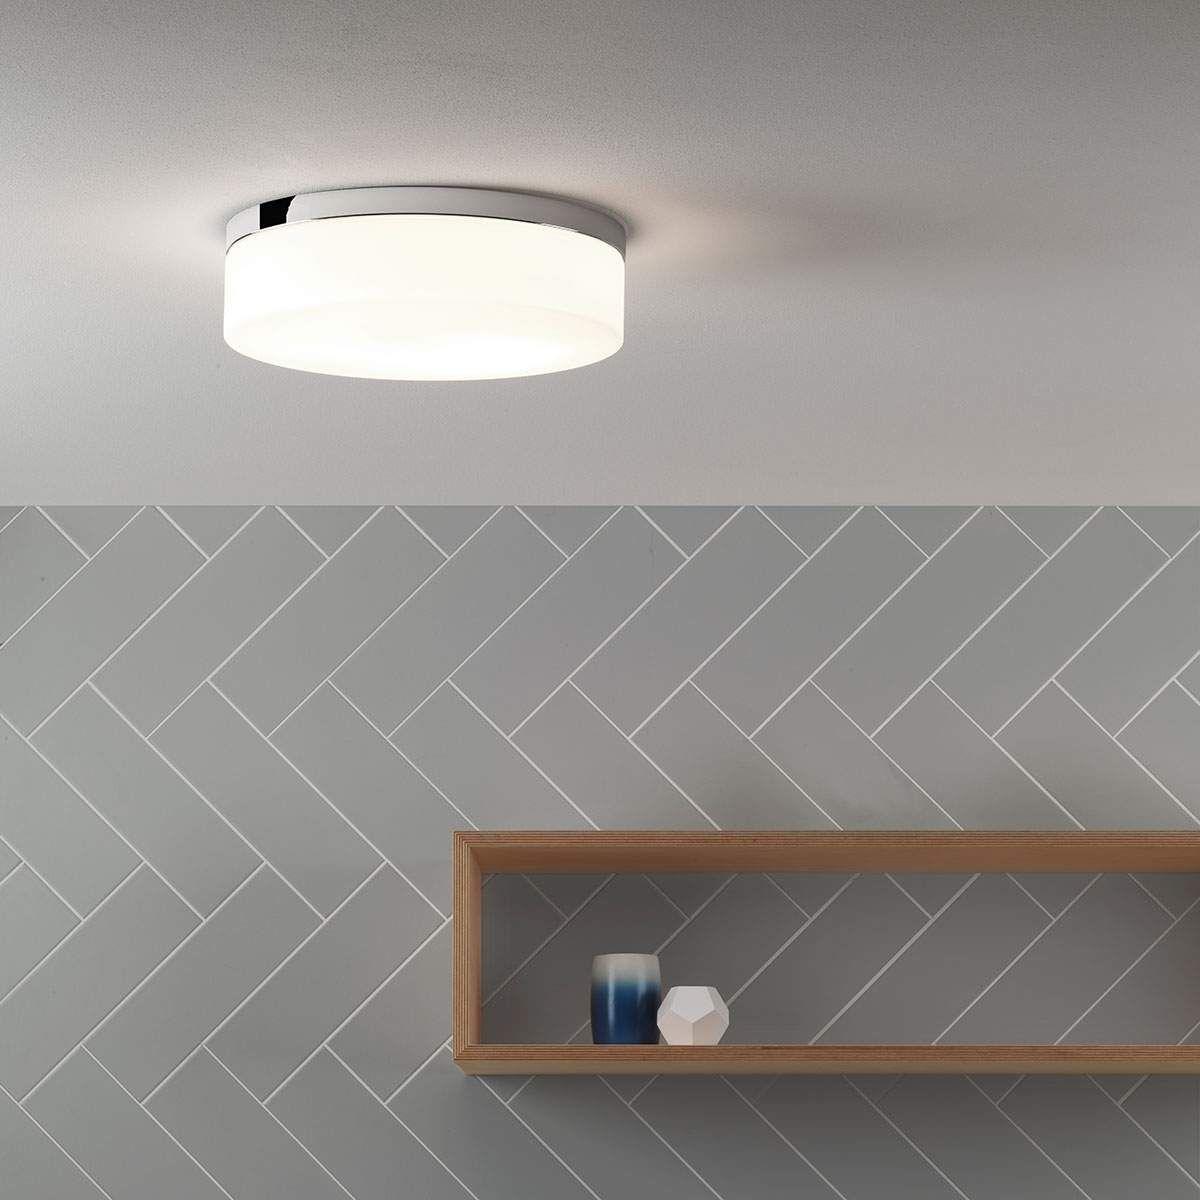 Moderne Deckenleuchte Sabina Von Astro Silber In 2020 Deckenlampe Led Deckenlampen Und Aussenleuchten